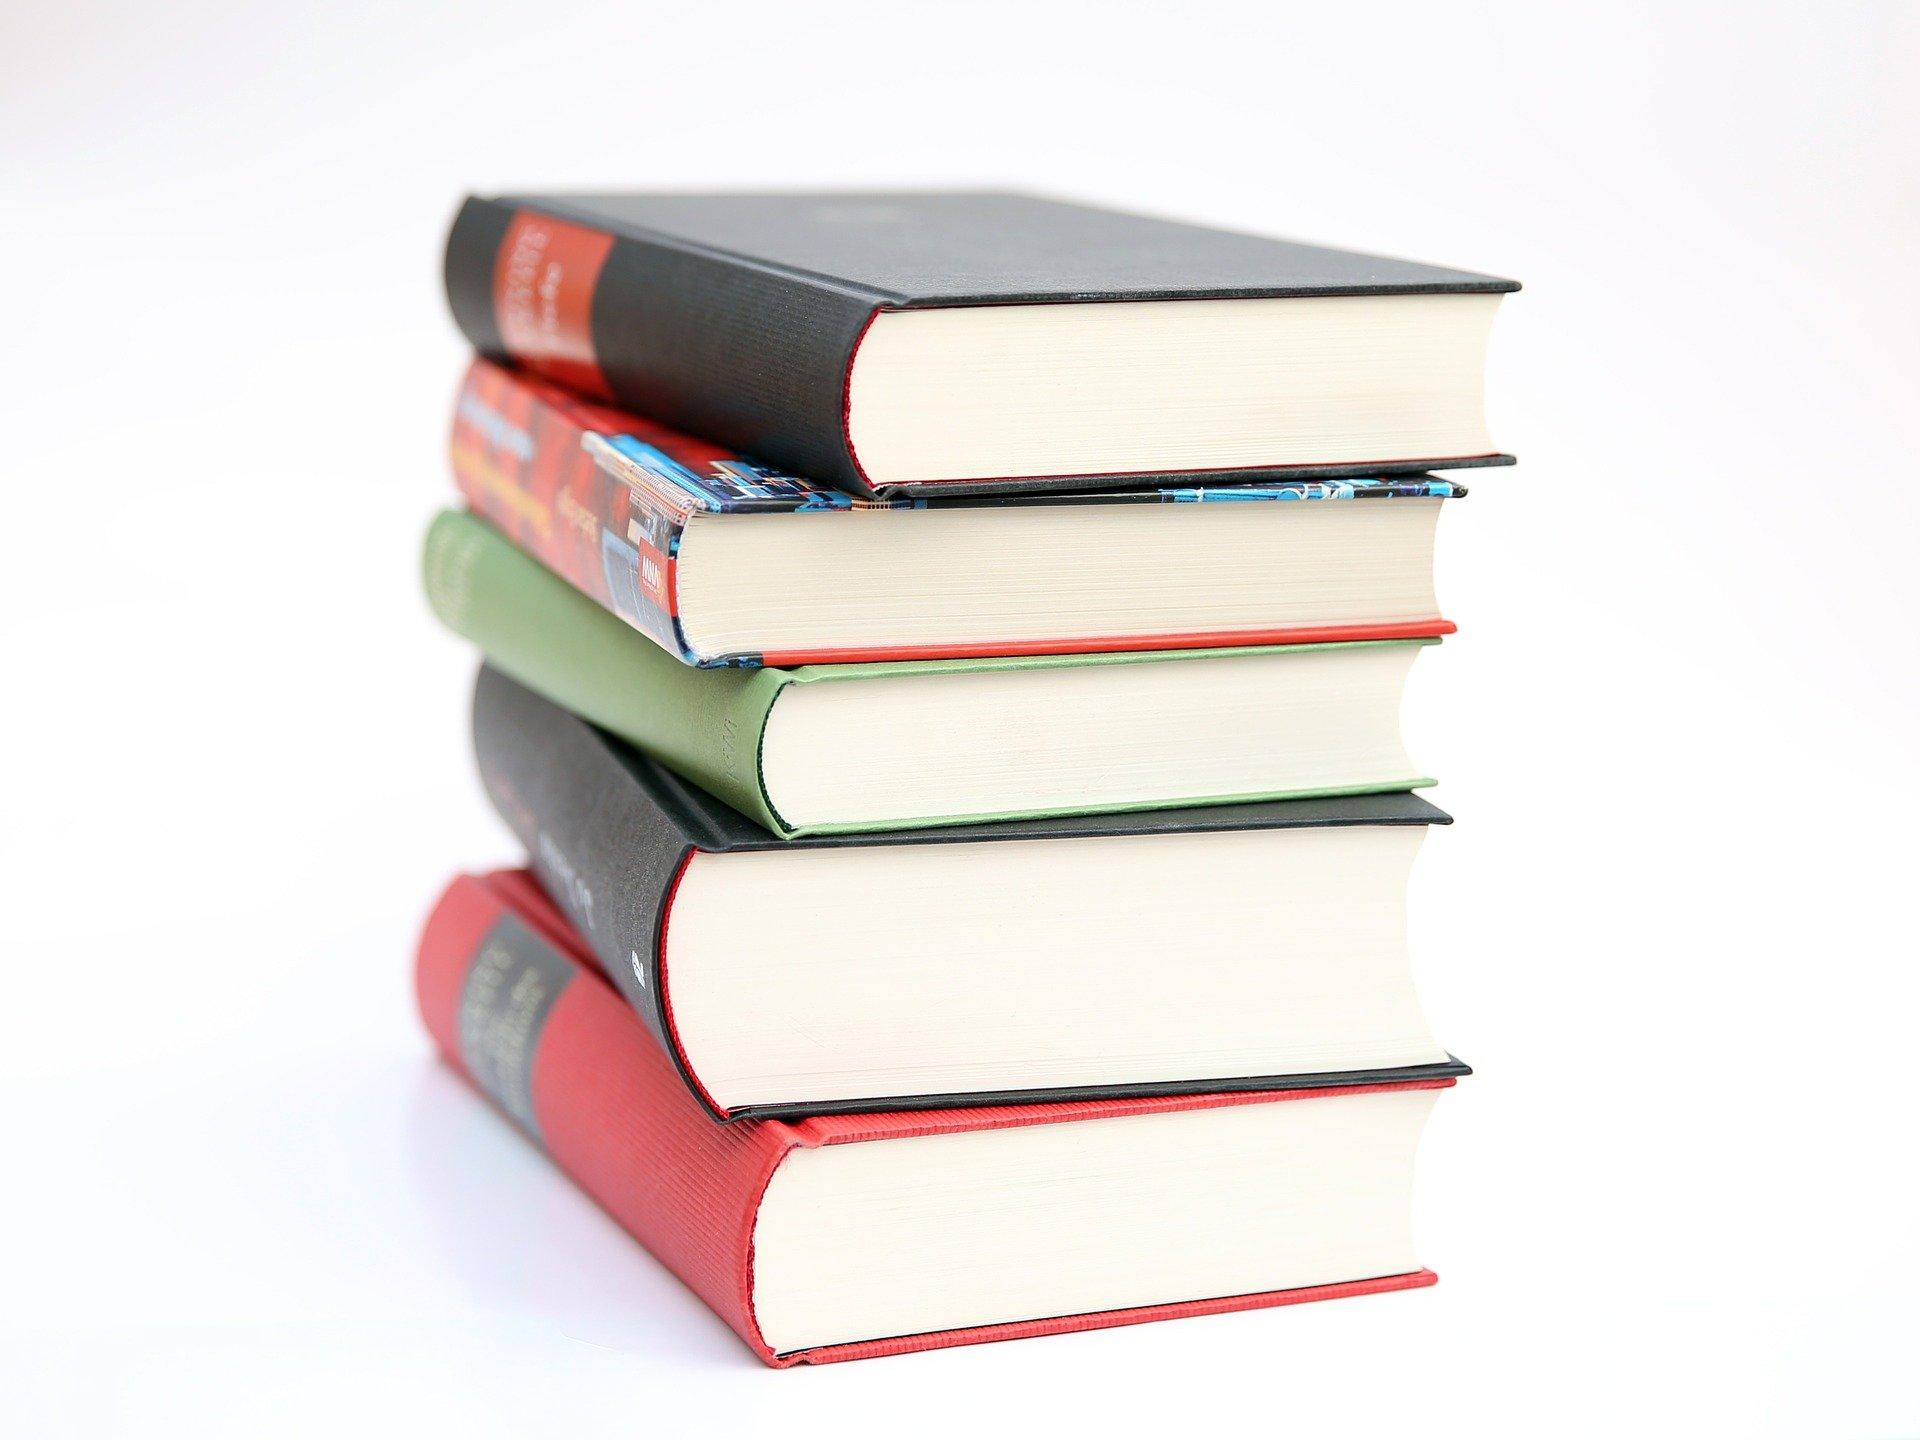 A pile of 5 colourful books